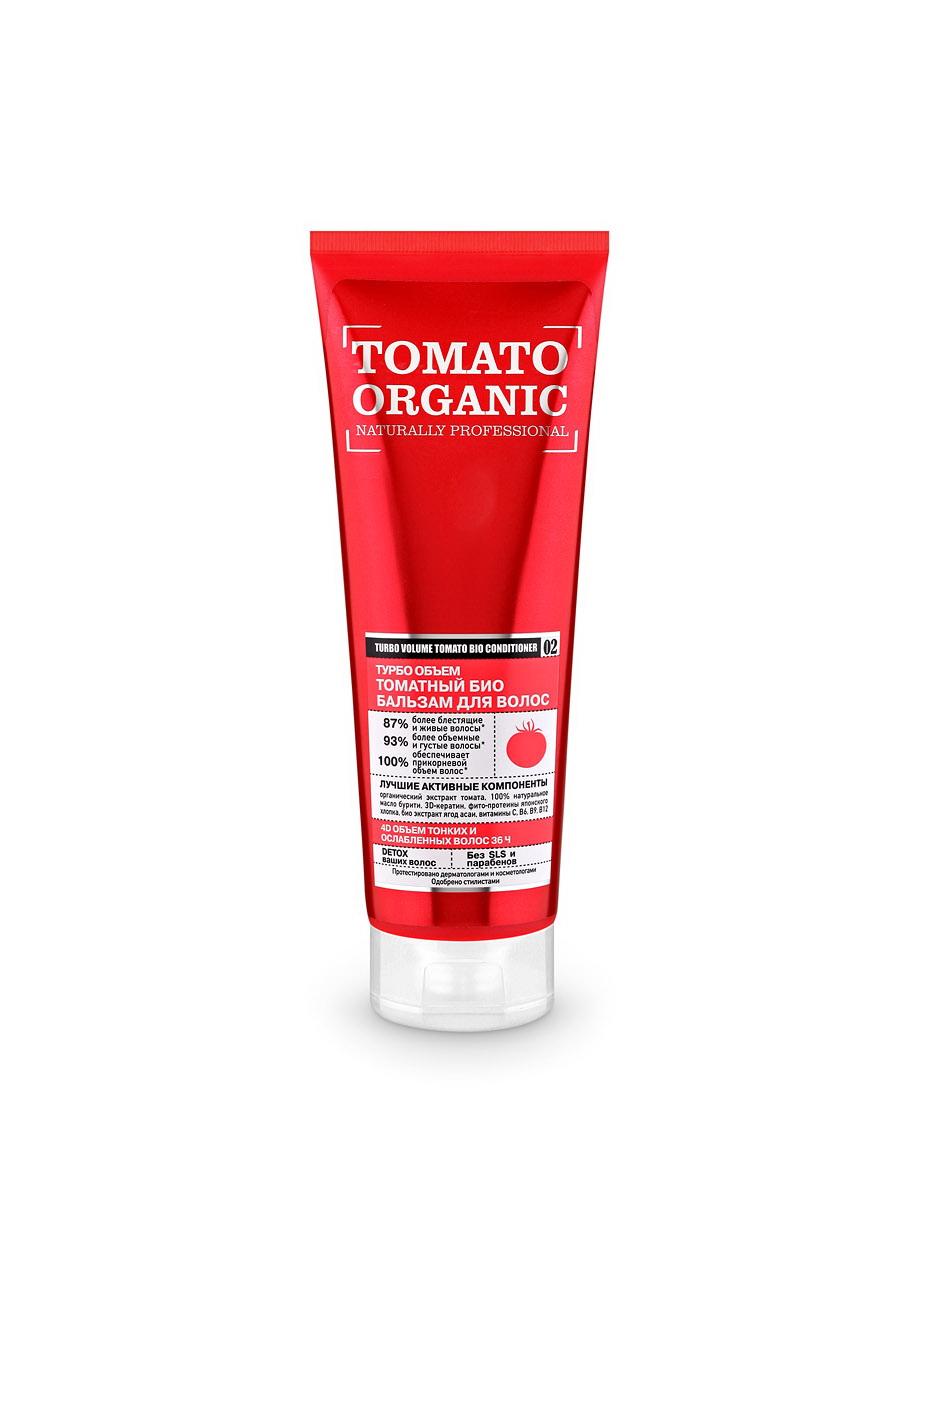 Оrganic Shop Naturally Professional Био-бальзам для волос Турбо Объем, томатный, 250 мл0861-1-4028Органический экстракт томата придает волосам роскошный объем и укрепляет их структуру. 100% натуральное масло бурити питает волосы и защищает от термо и УФ воздействия. 3D-кератин заполняет поврежденные участки волос, придавая им гладкость и шелковистость. Фито-протеины японского хлопка восстанавливают волосы по всей длине, делая их более густыми, объемными и крепкими. Экстракт ягод асаи насыщает волосы витаминами, придает им силу и блеск.Товар сертифицирован.